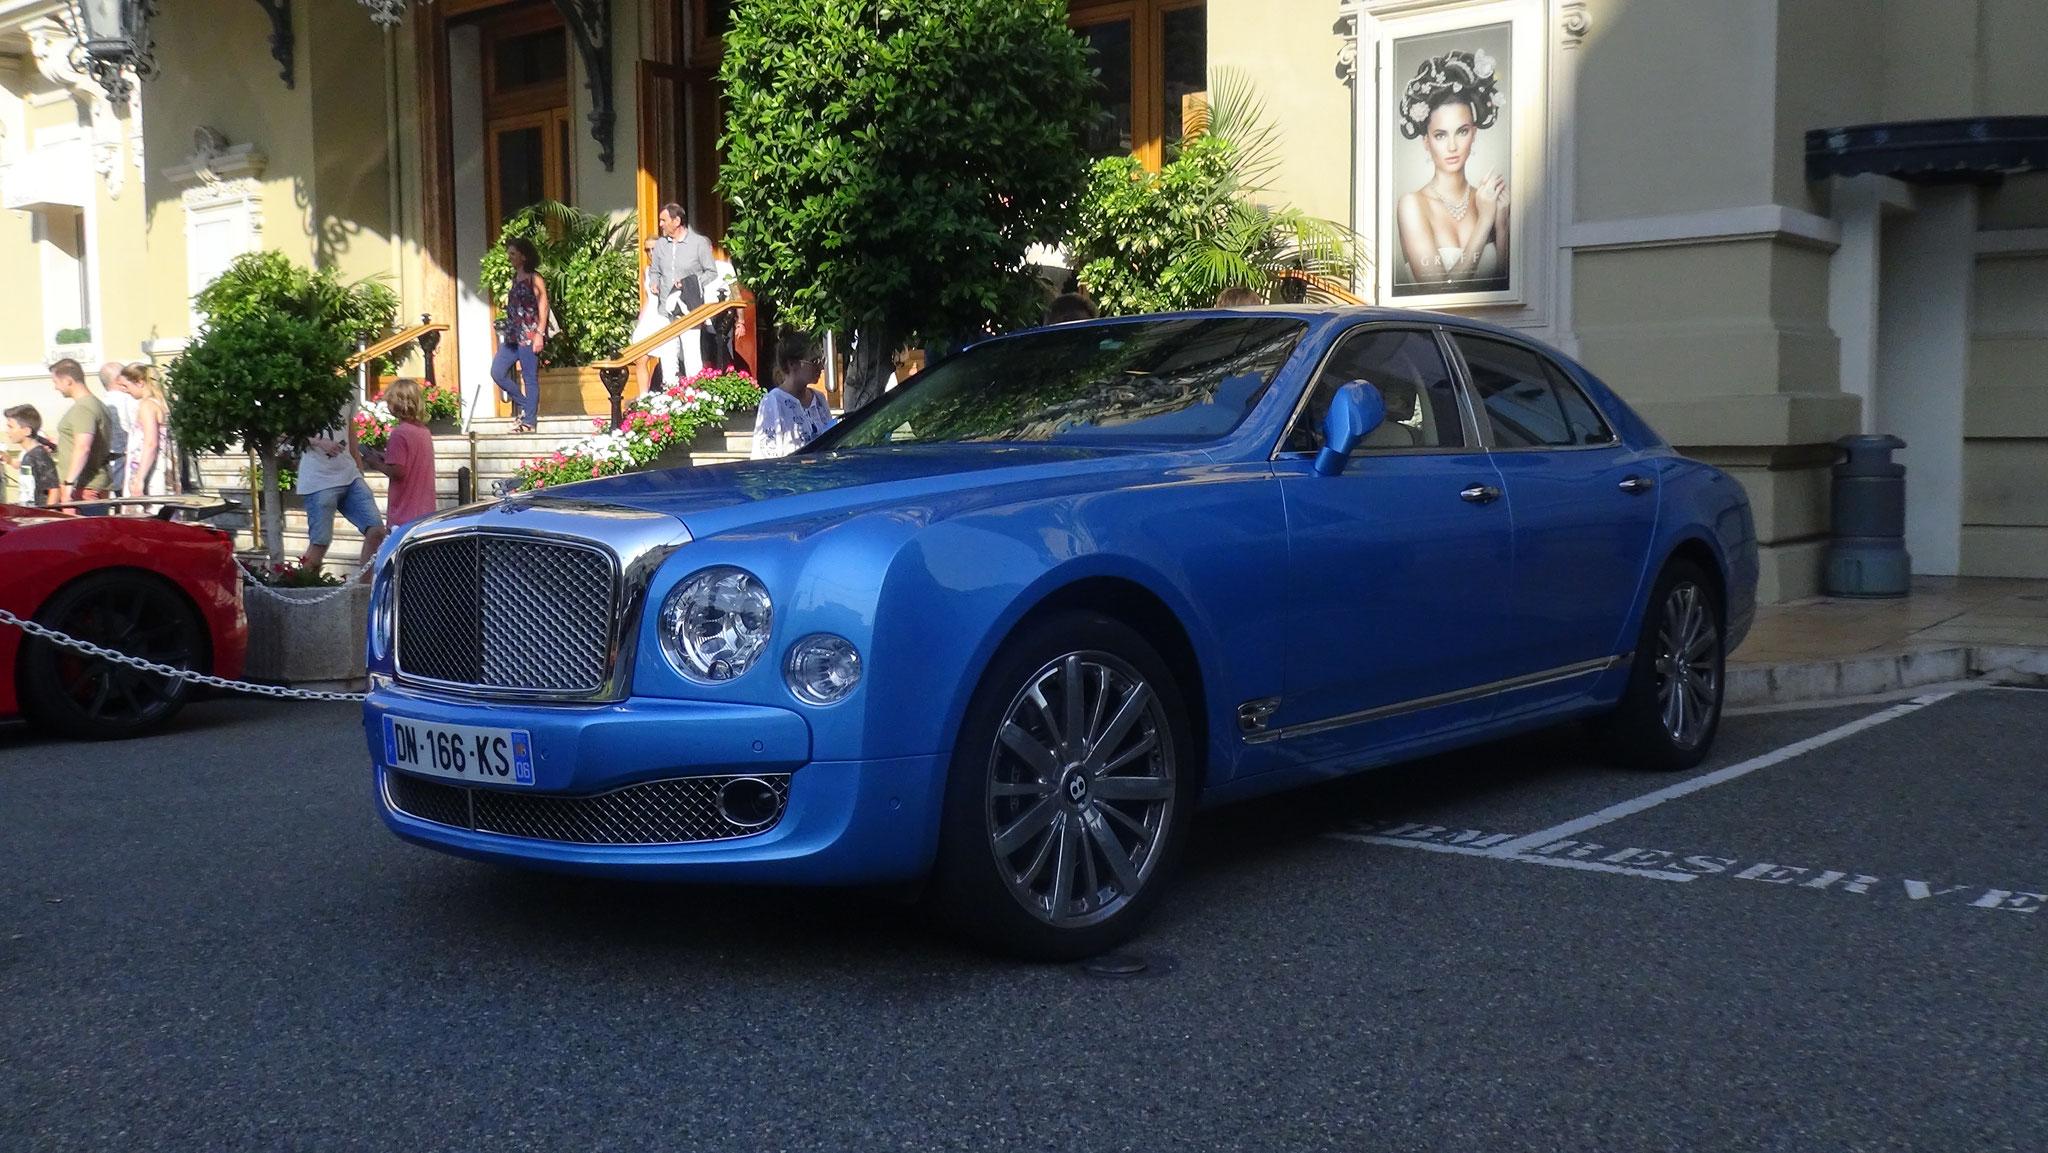 Bentley Mulsanne - DN-166-KS-06 (FRA)